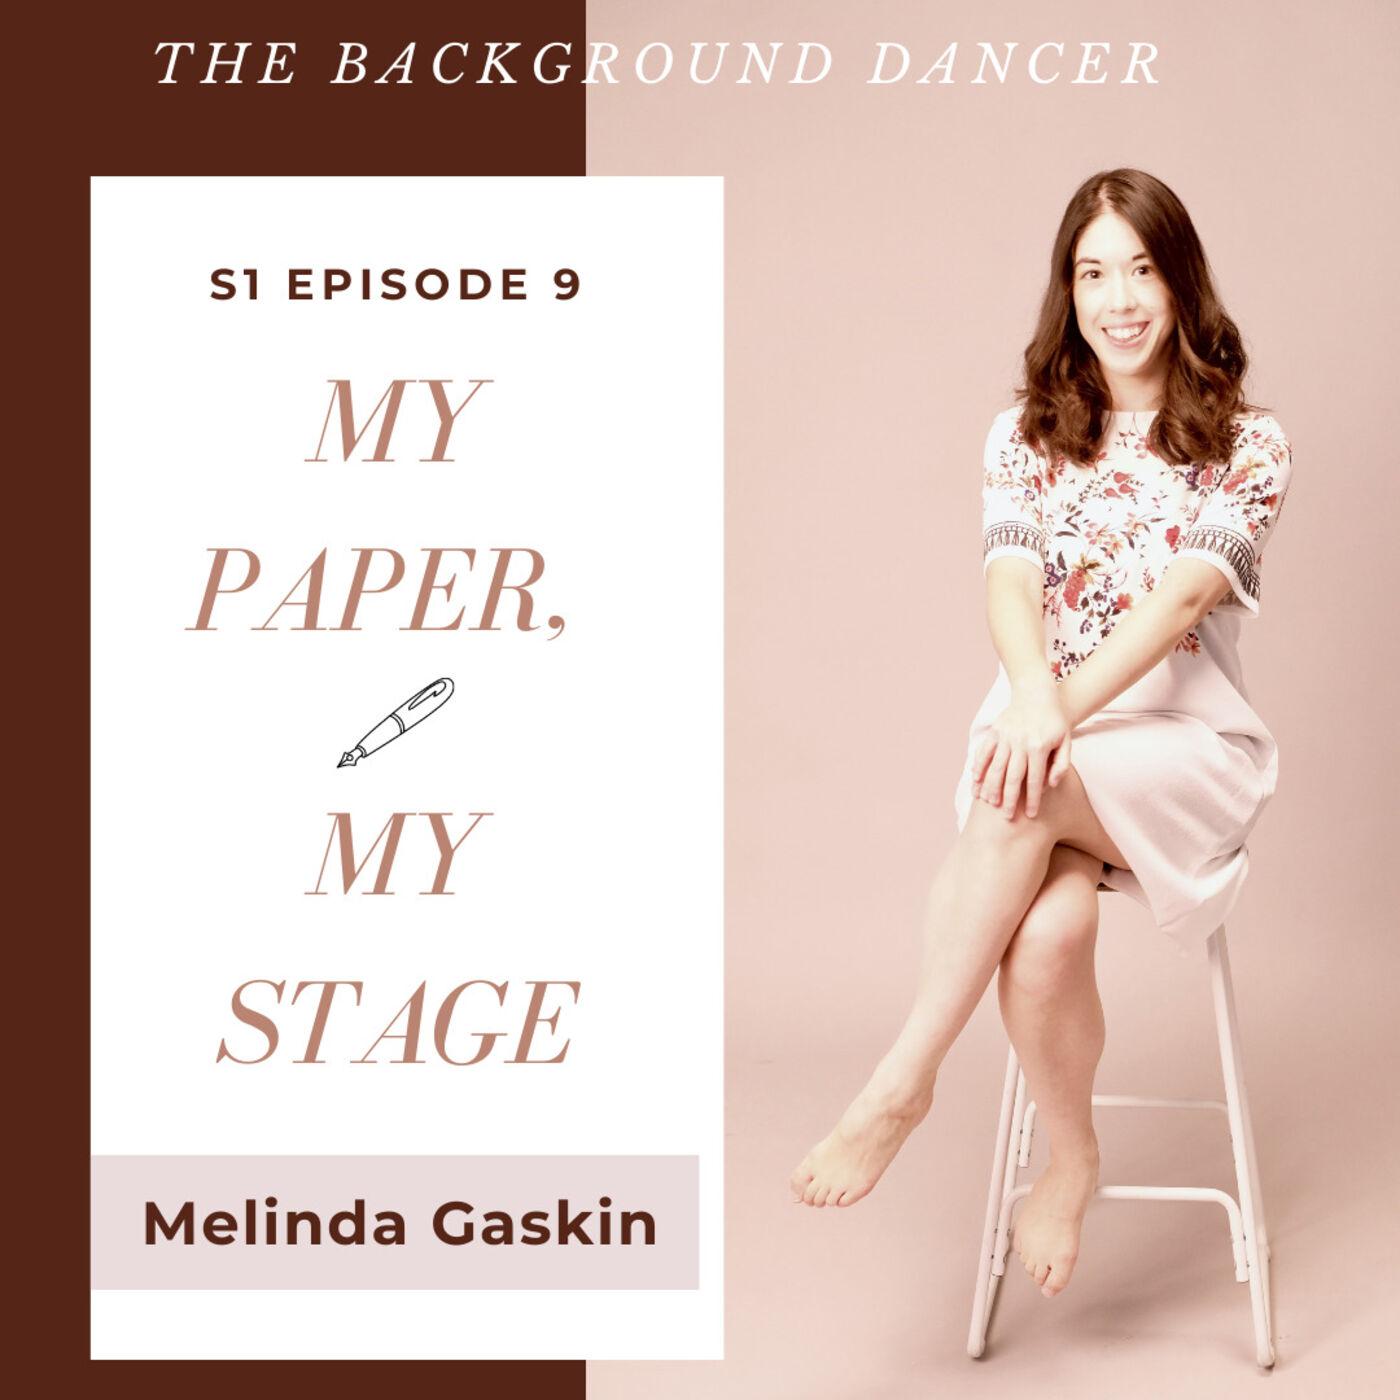 My Paper, My Stage   Melinda Gaskin